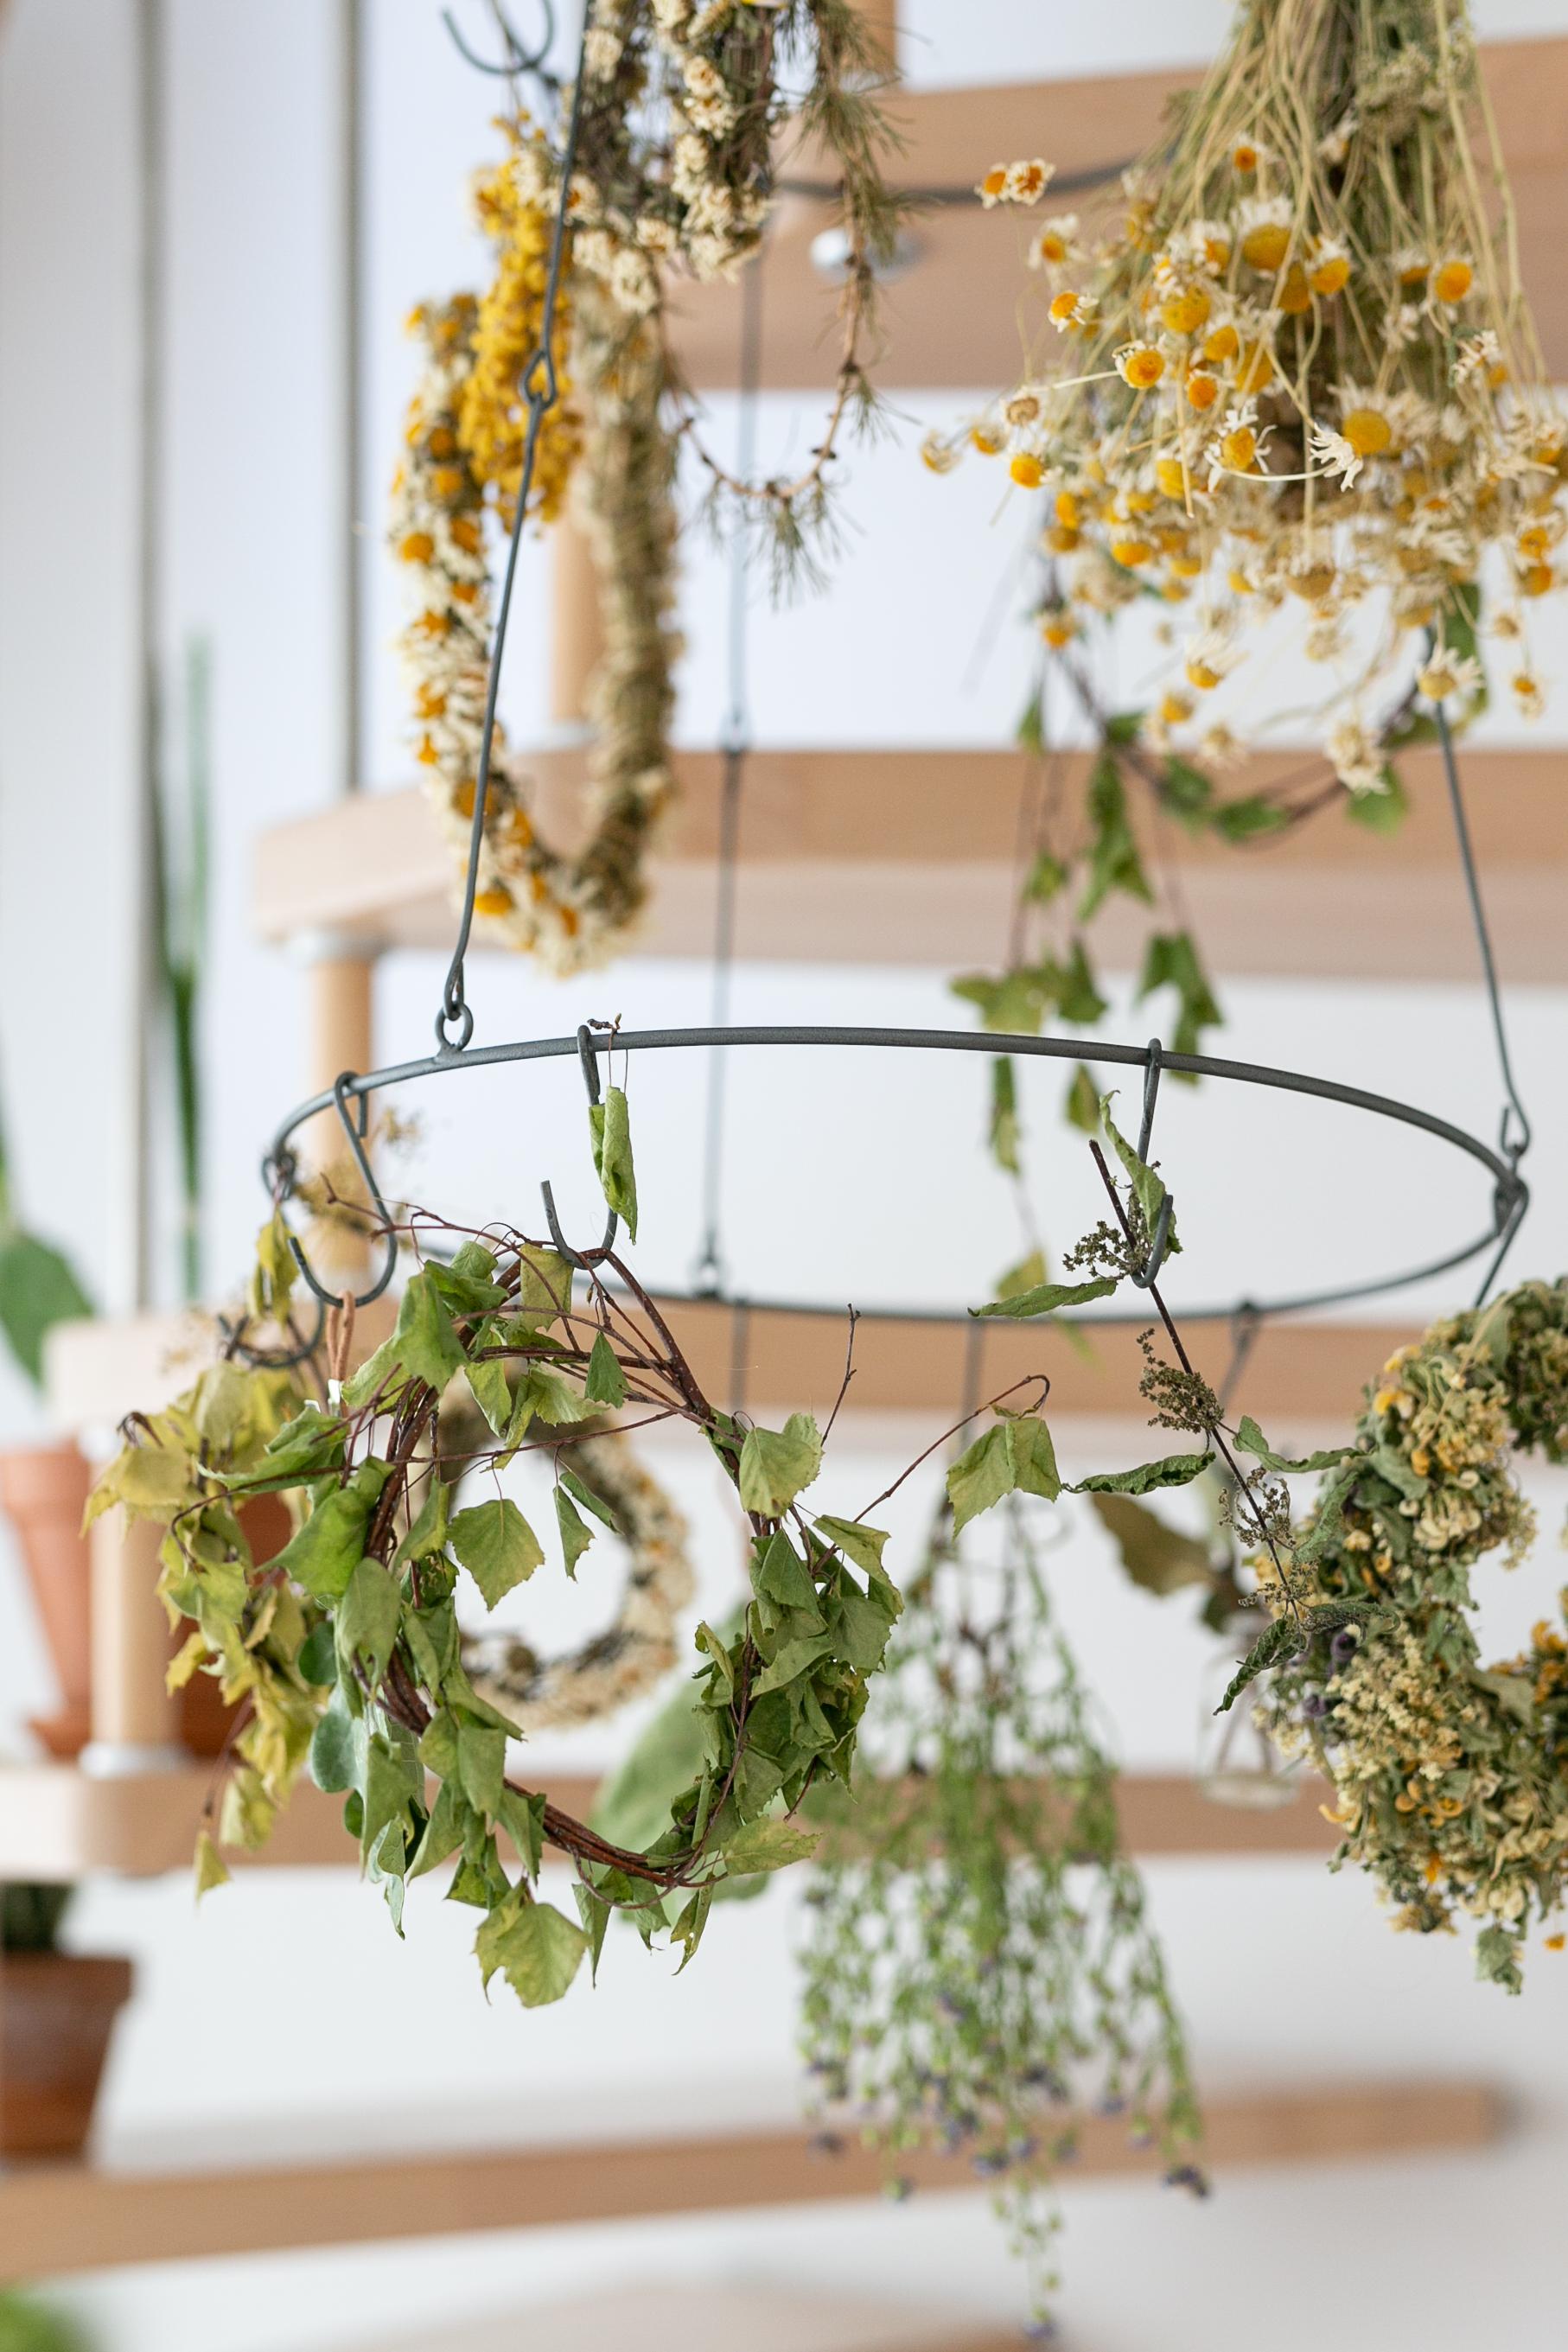 Eine kleine Küchen Inventur | Gesunde vegane Rezepte, Fermentation, Nachhaltigkeit - Syl Gervais